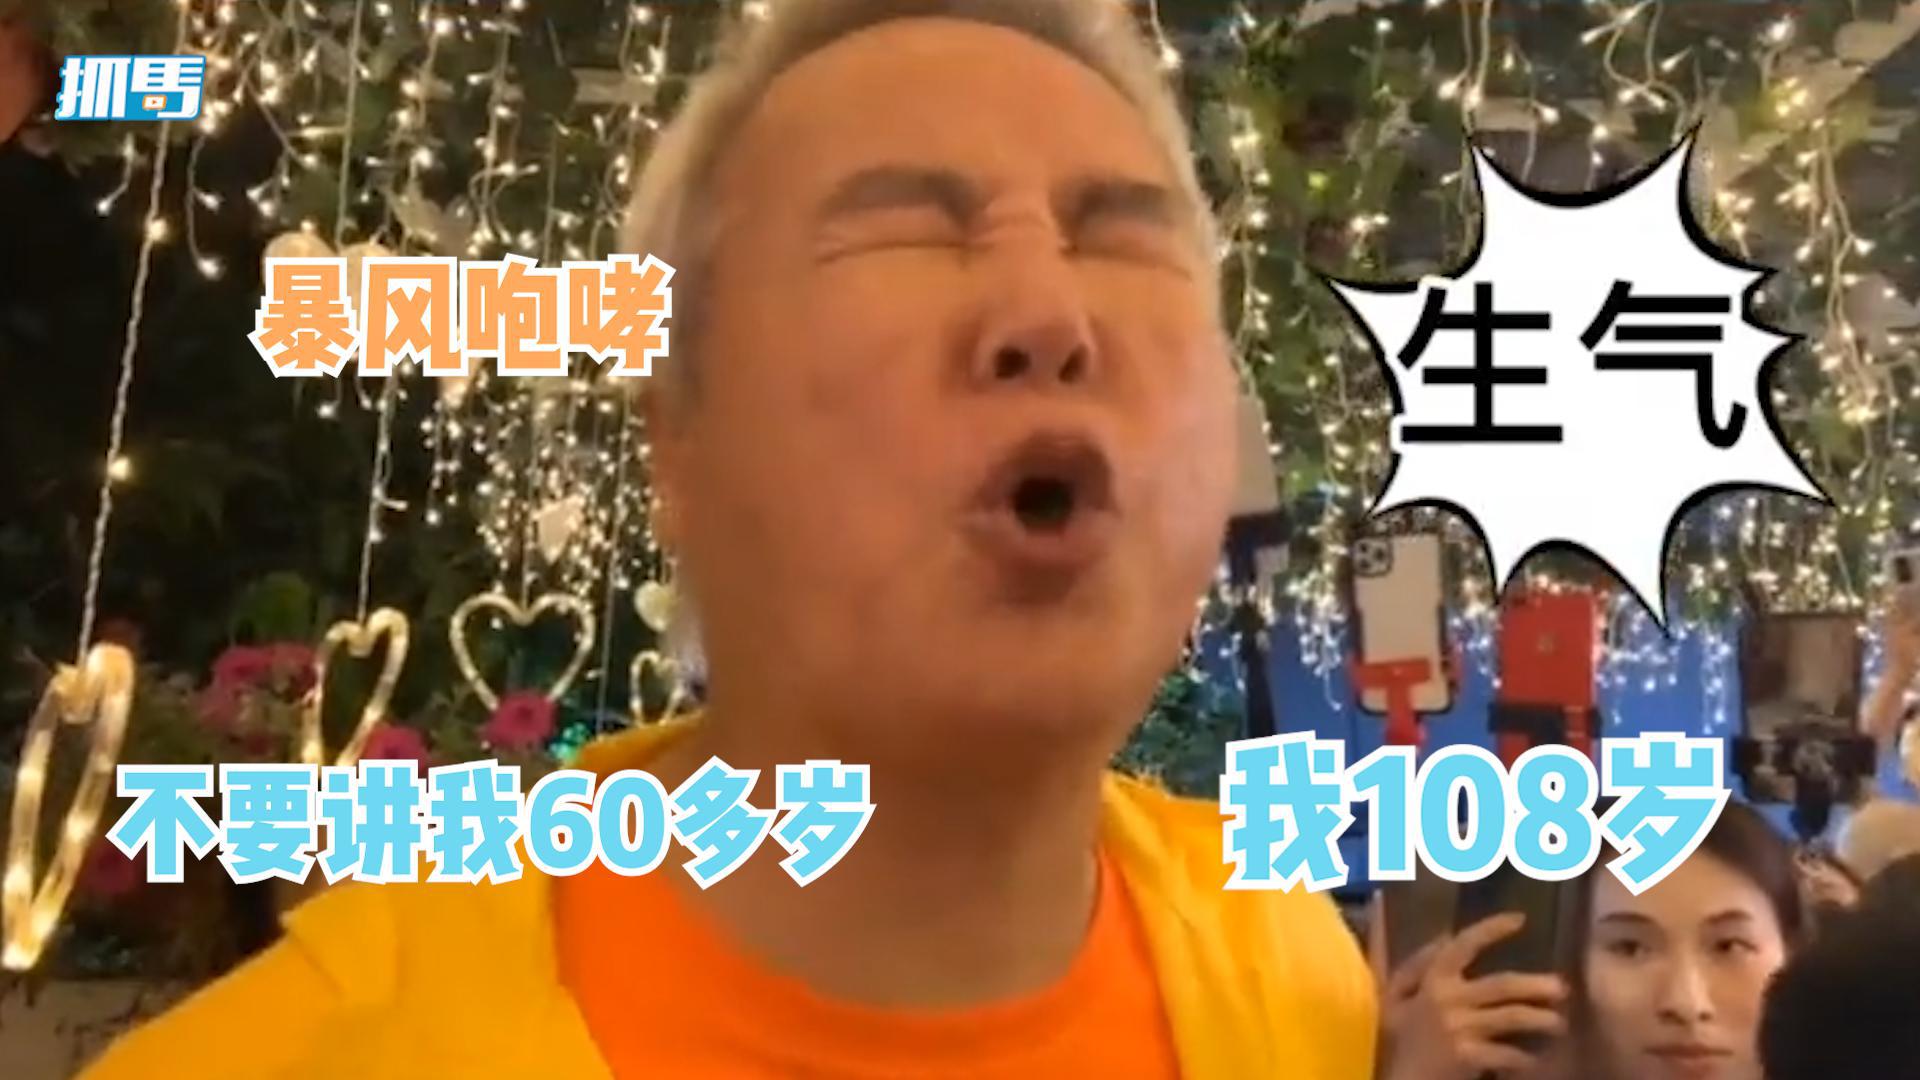 林瑞阳被粉丝说年纪大,发飙怒吼:不要再讲我60岁,我108岁1